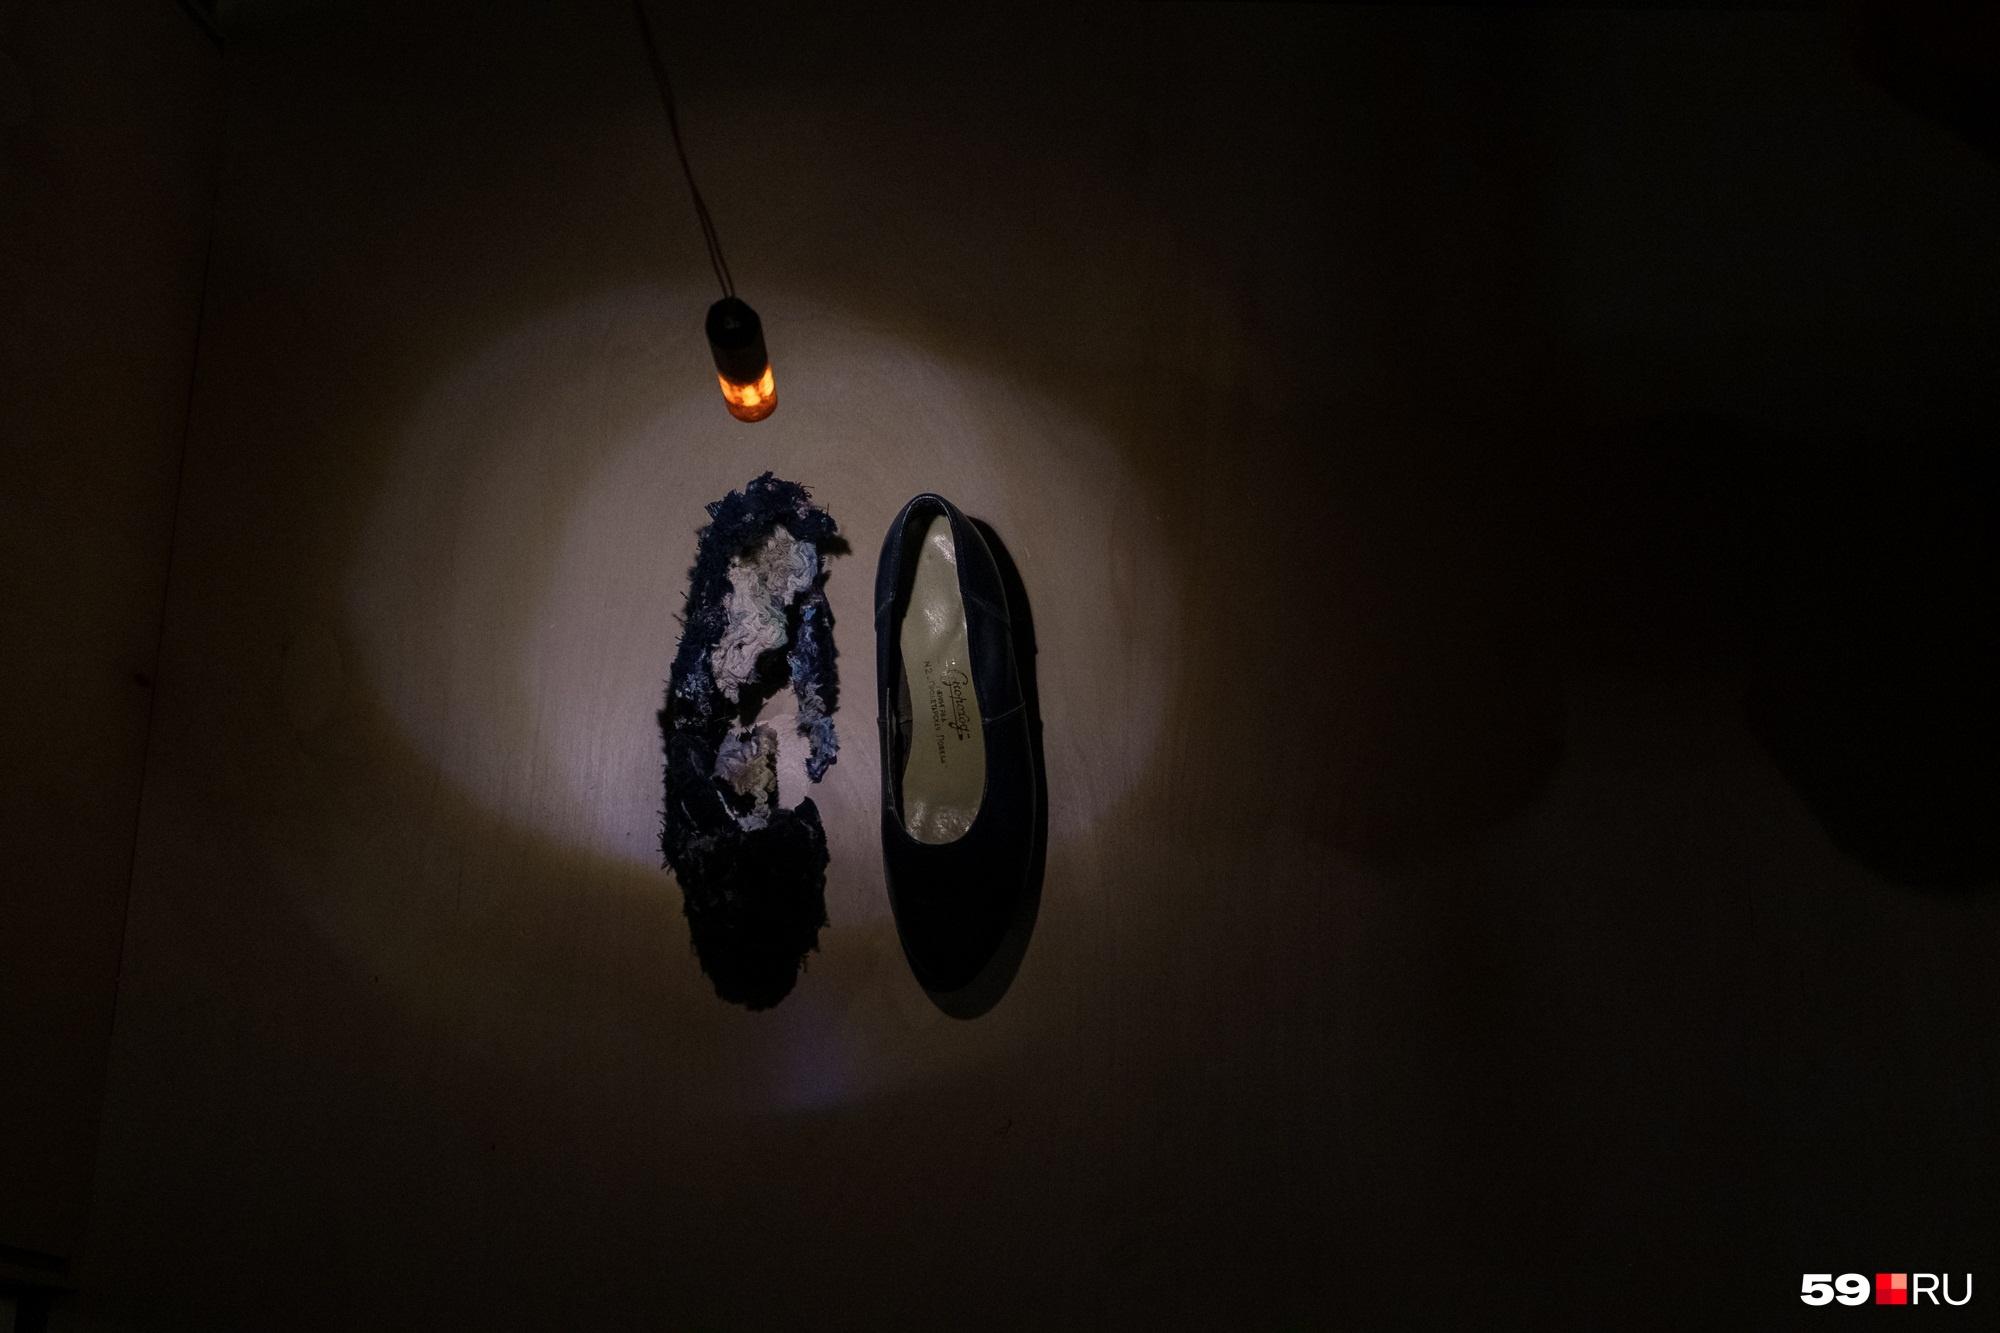 А вот еще один экспонат. Что же произошло с правой туфелькой?